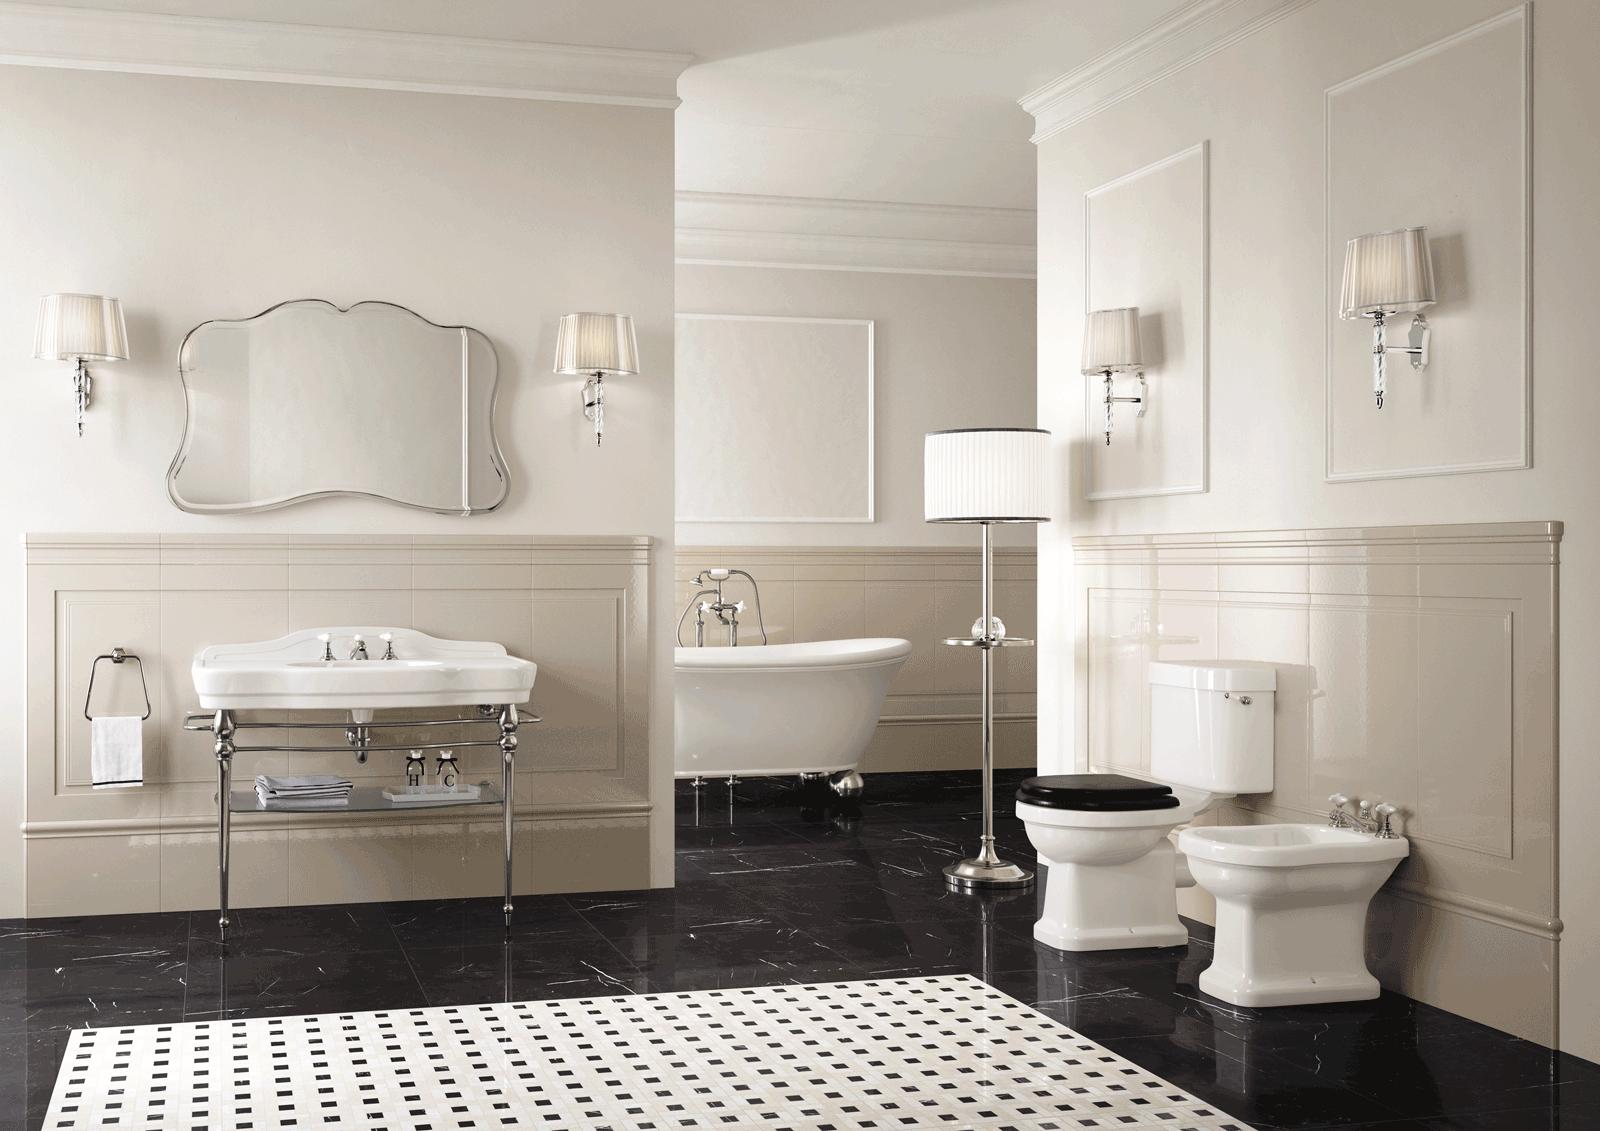 Colecci N De Muebles Cl Sicos De Ba O Melody De Devon Devon  # Muebles Para Toilet